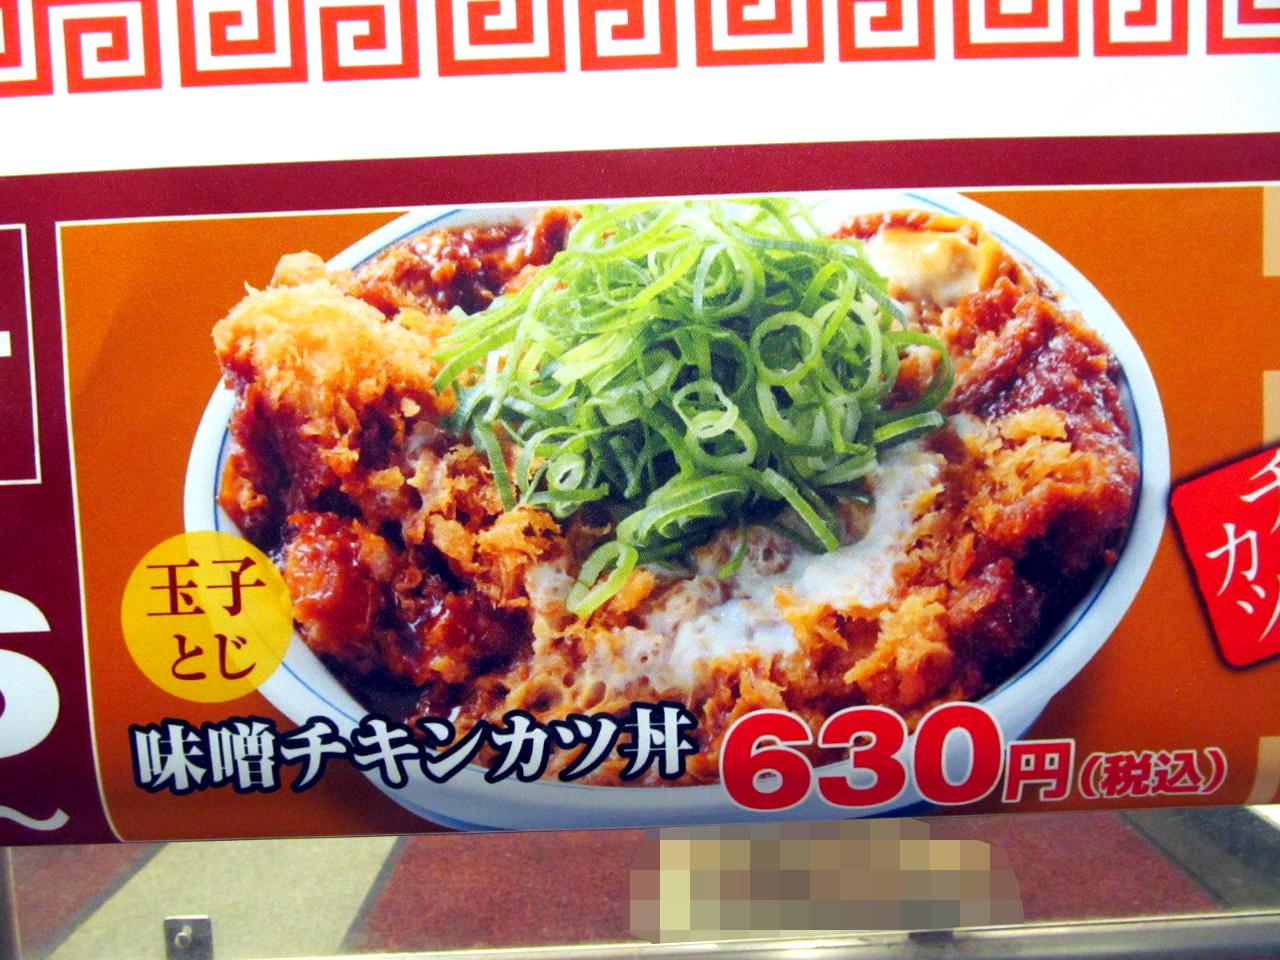 かつや味噌チキンカツ丼and定食2020販売開始アイキャッチ修正調整後